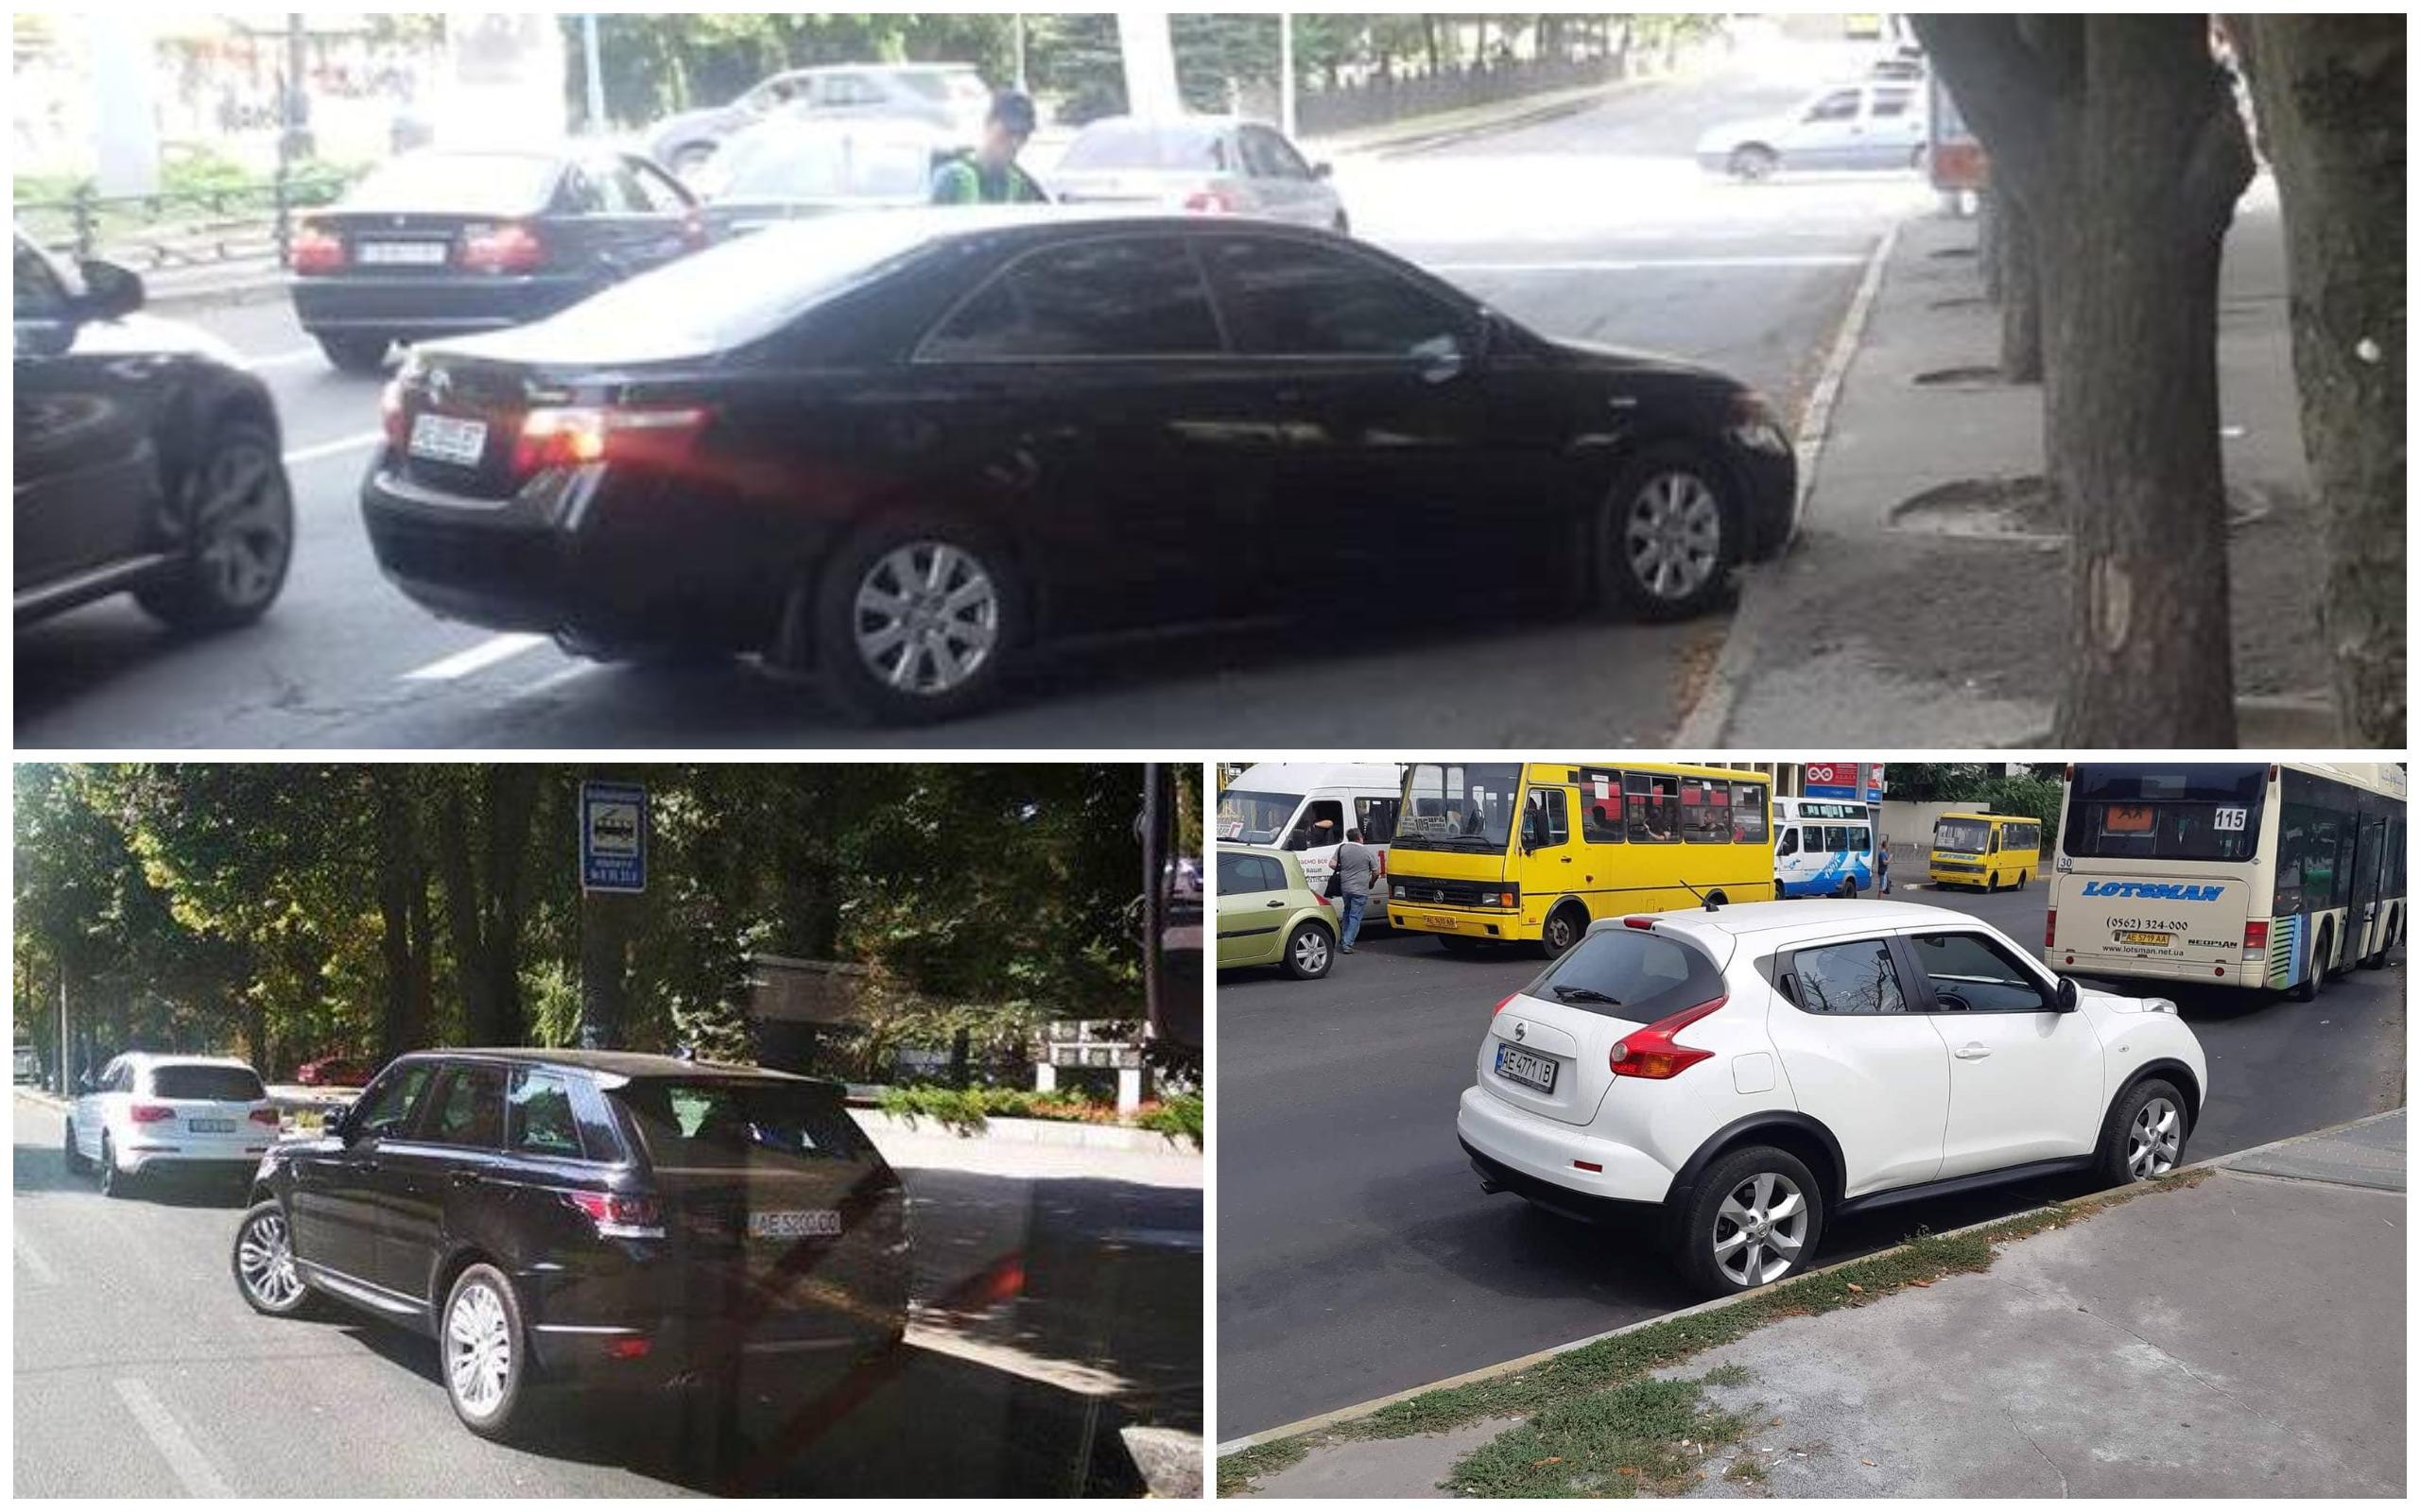 Toyota Camry, Range Rover с номером АЕ 5200 ОО и Nissan Juke с номером АЕ 4771 ІВ